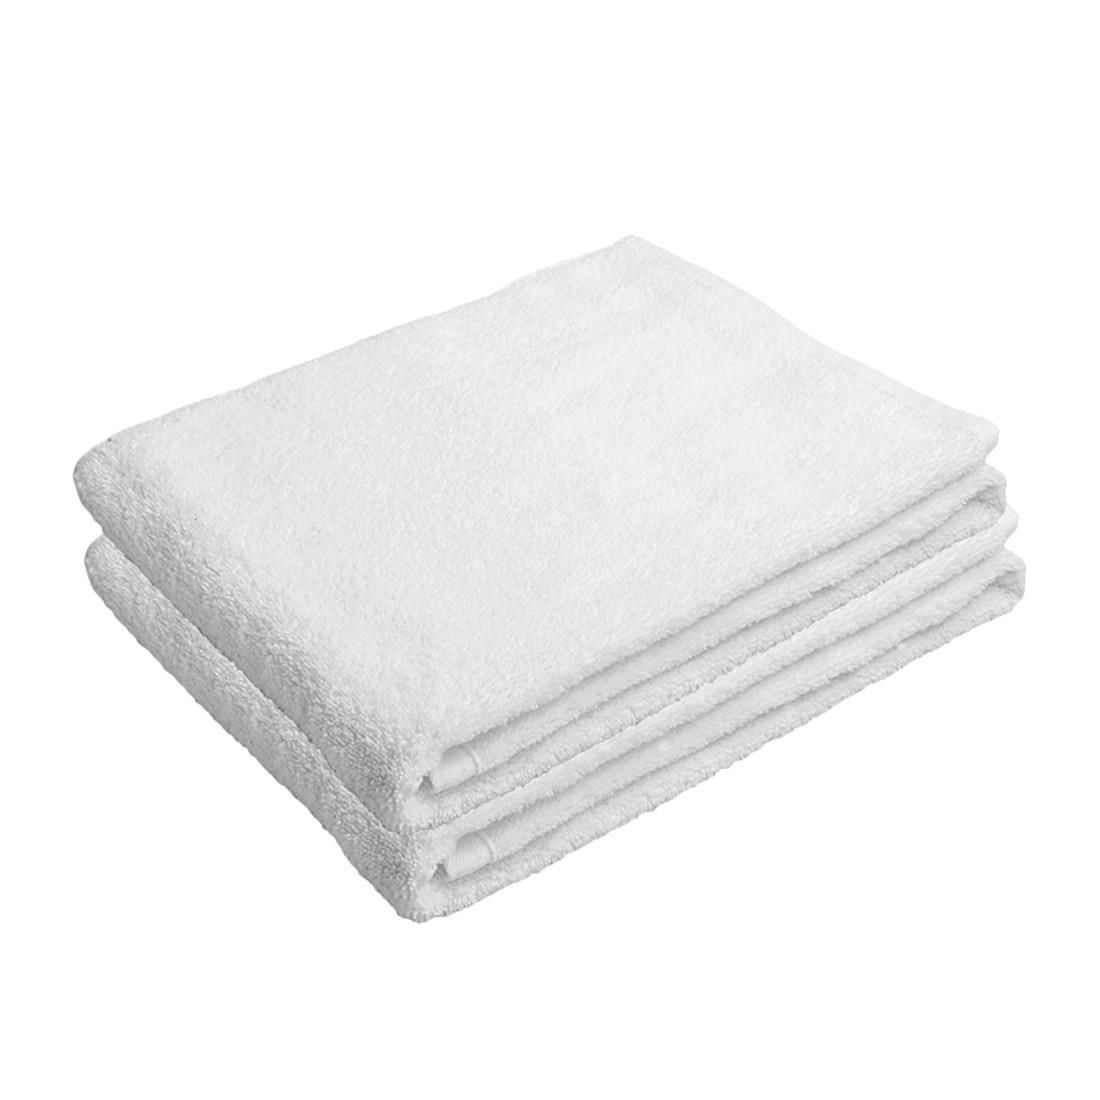 Handtuch-Set PURE (2-teilig) – 100% Baumwolle – Weiß, stilana kaufen